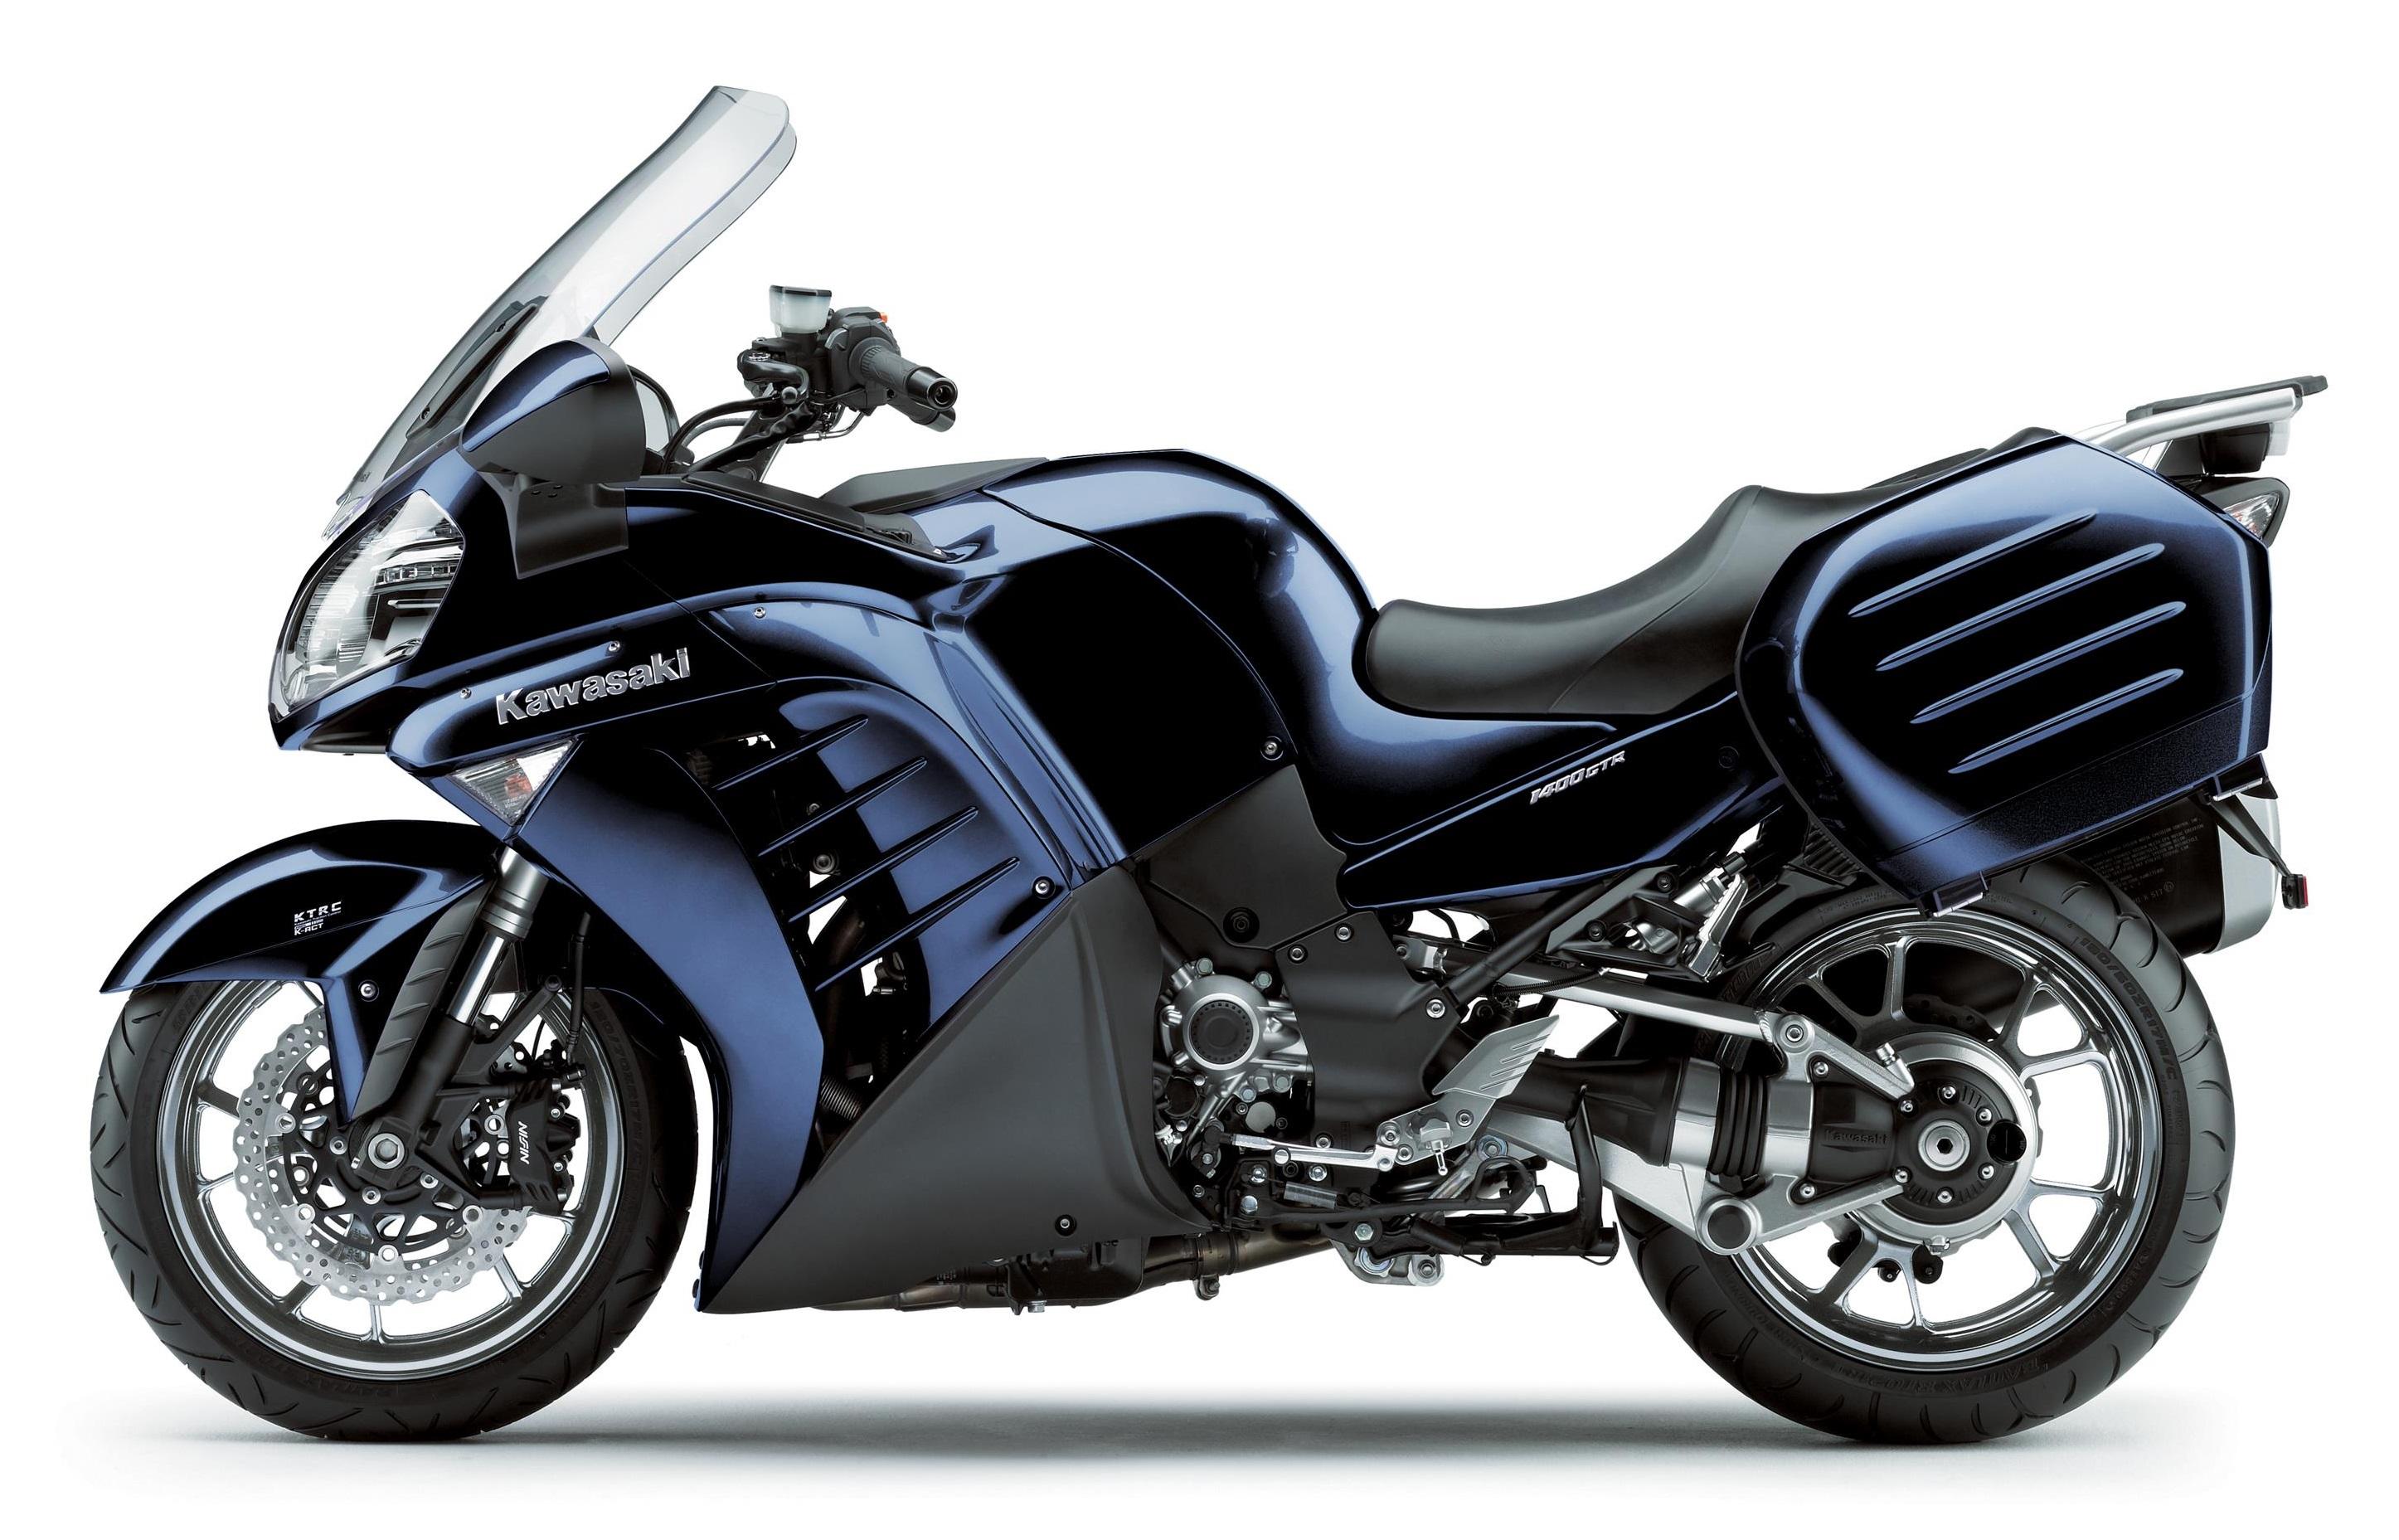 KAWASAKI GTR1400 2007-2009 TALL SCREEN CLEAR OR GREY